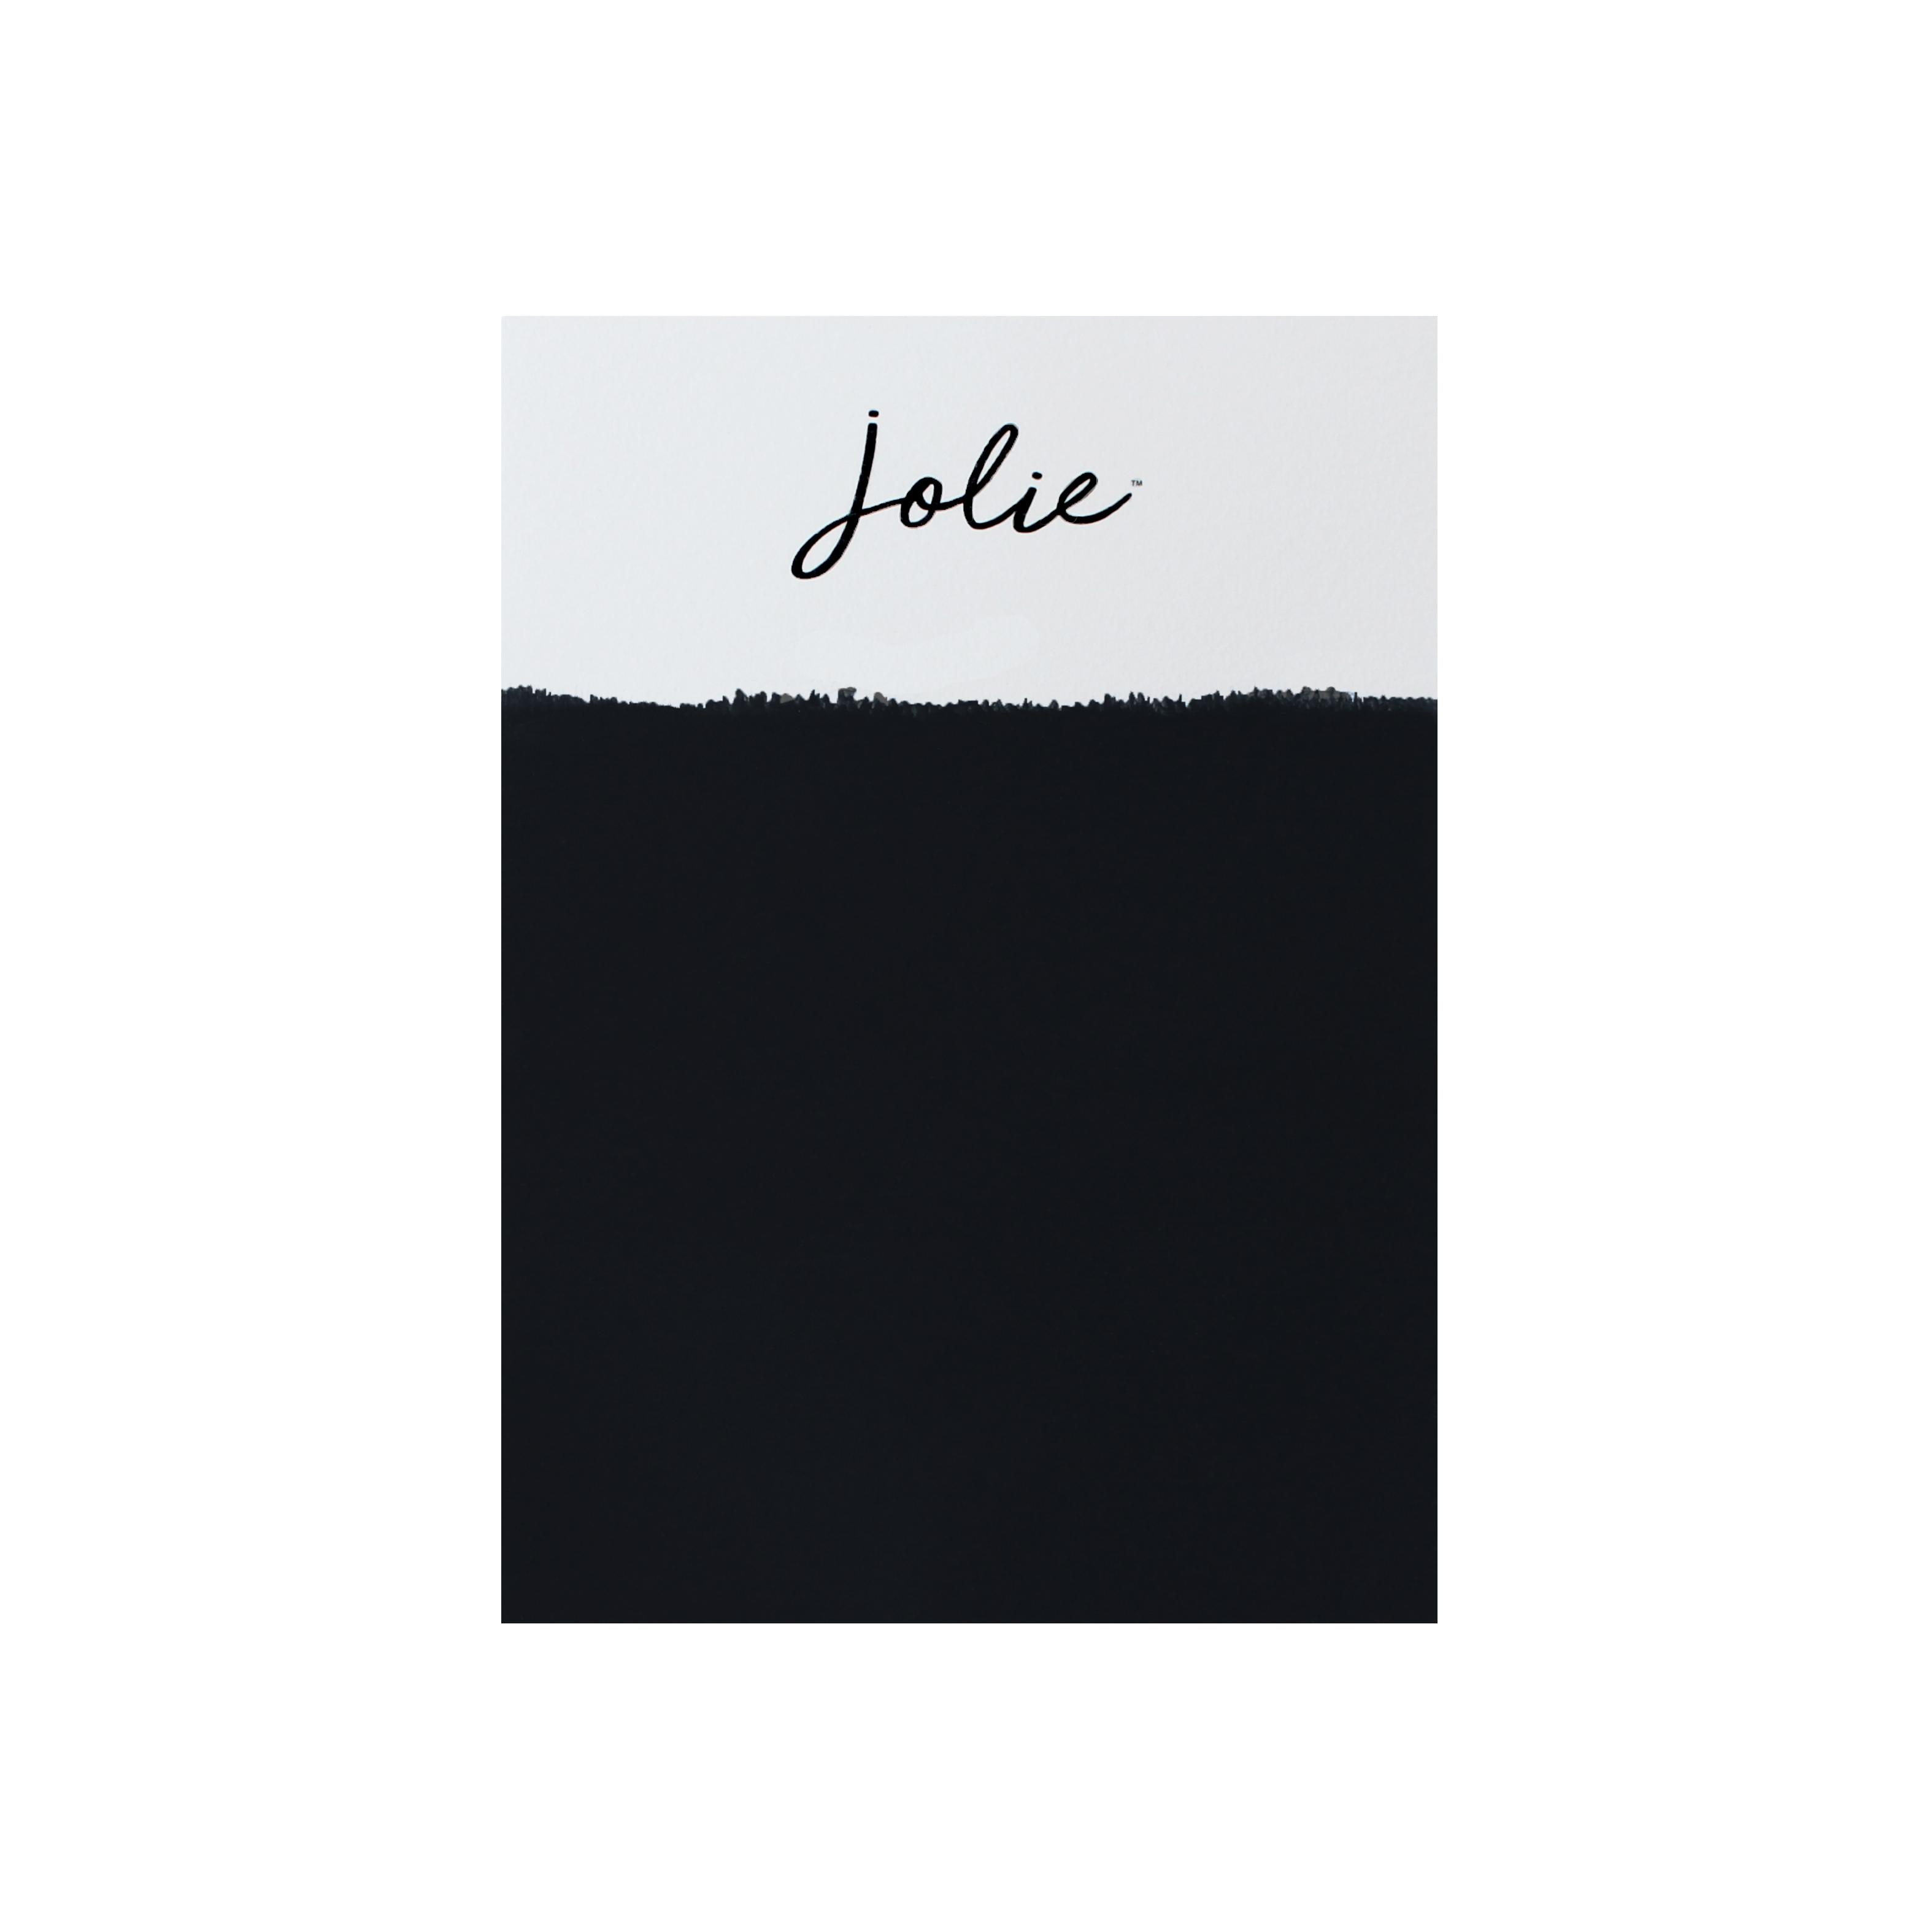 Noir - Jolie Paint